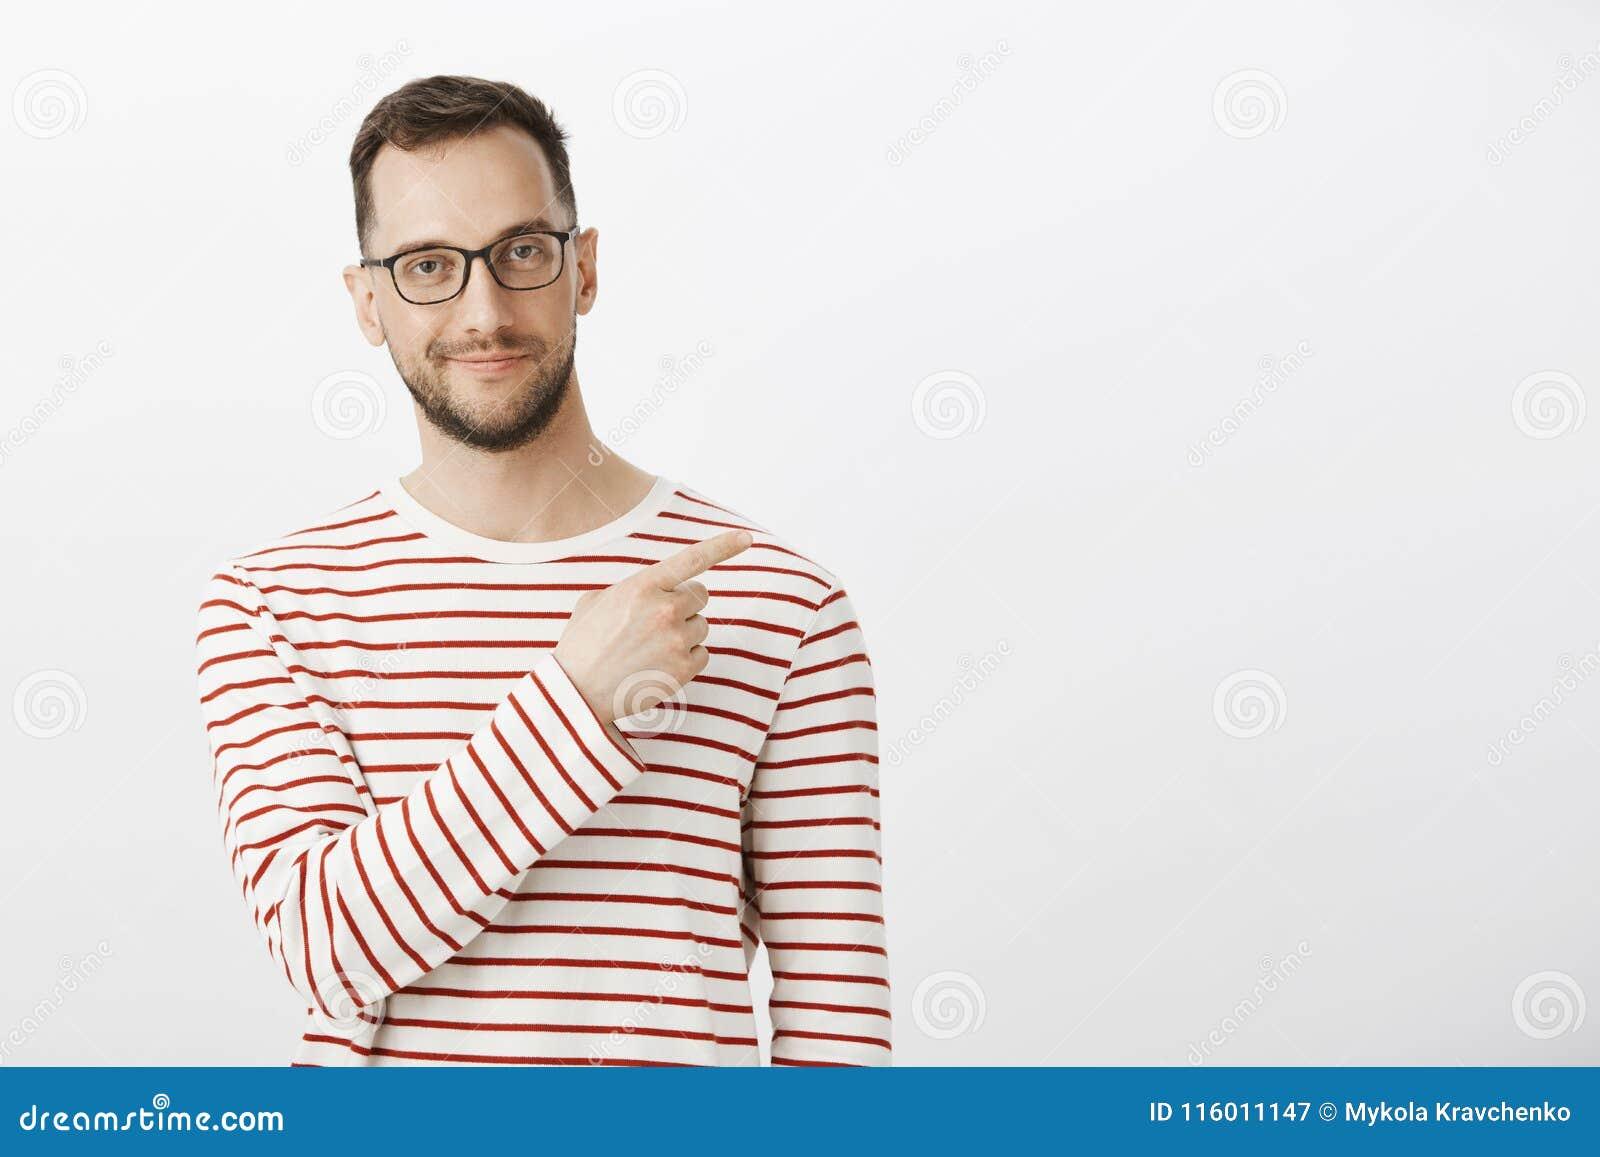 Salowy strzał smirking i wskazuje przy górnym prawym kątem ufny zadowolony europejski mężczyzna z szczecina w czarnym eyewear,